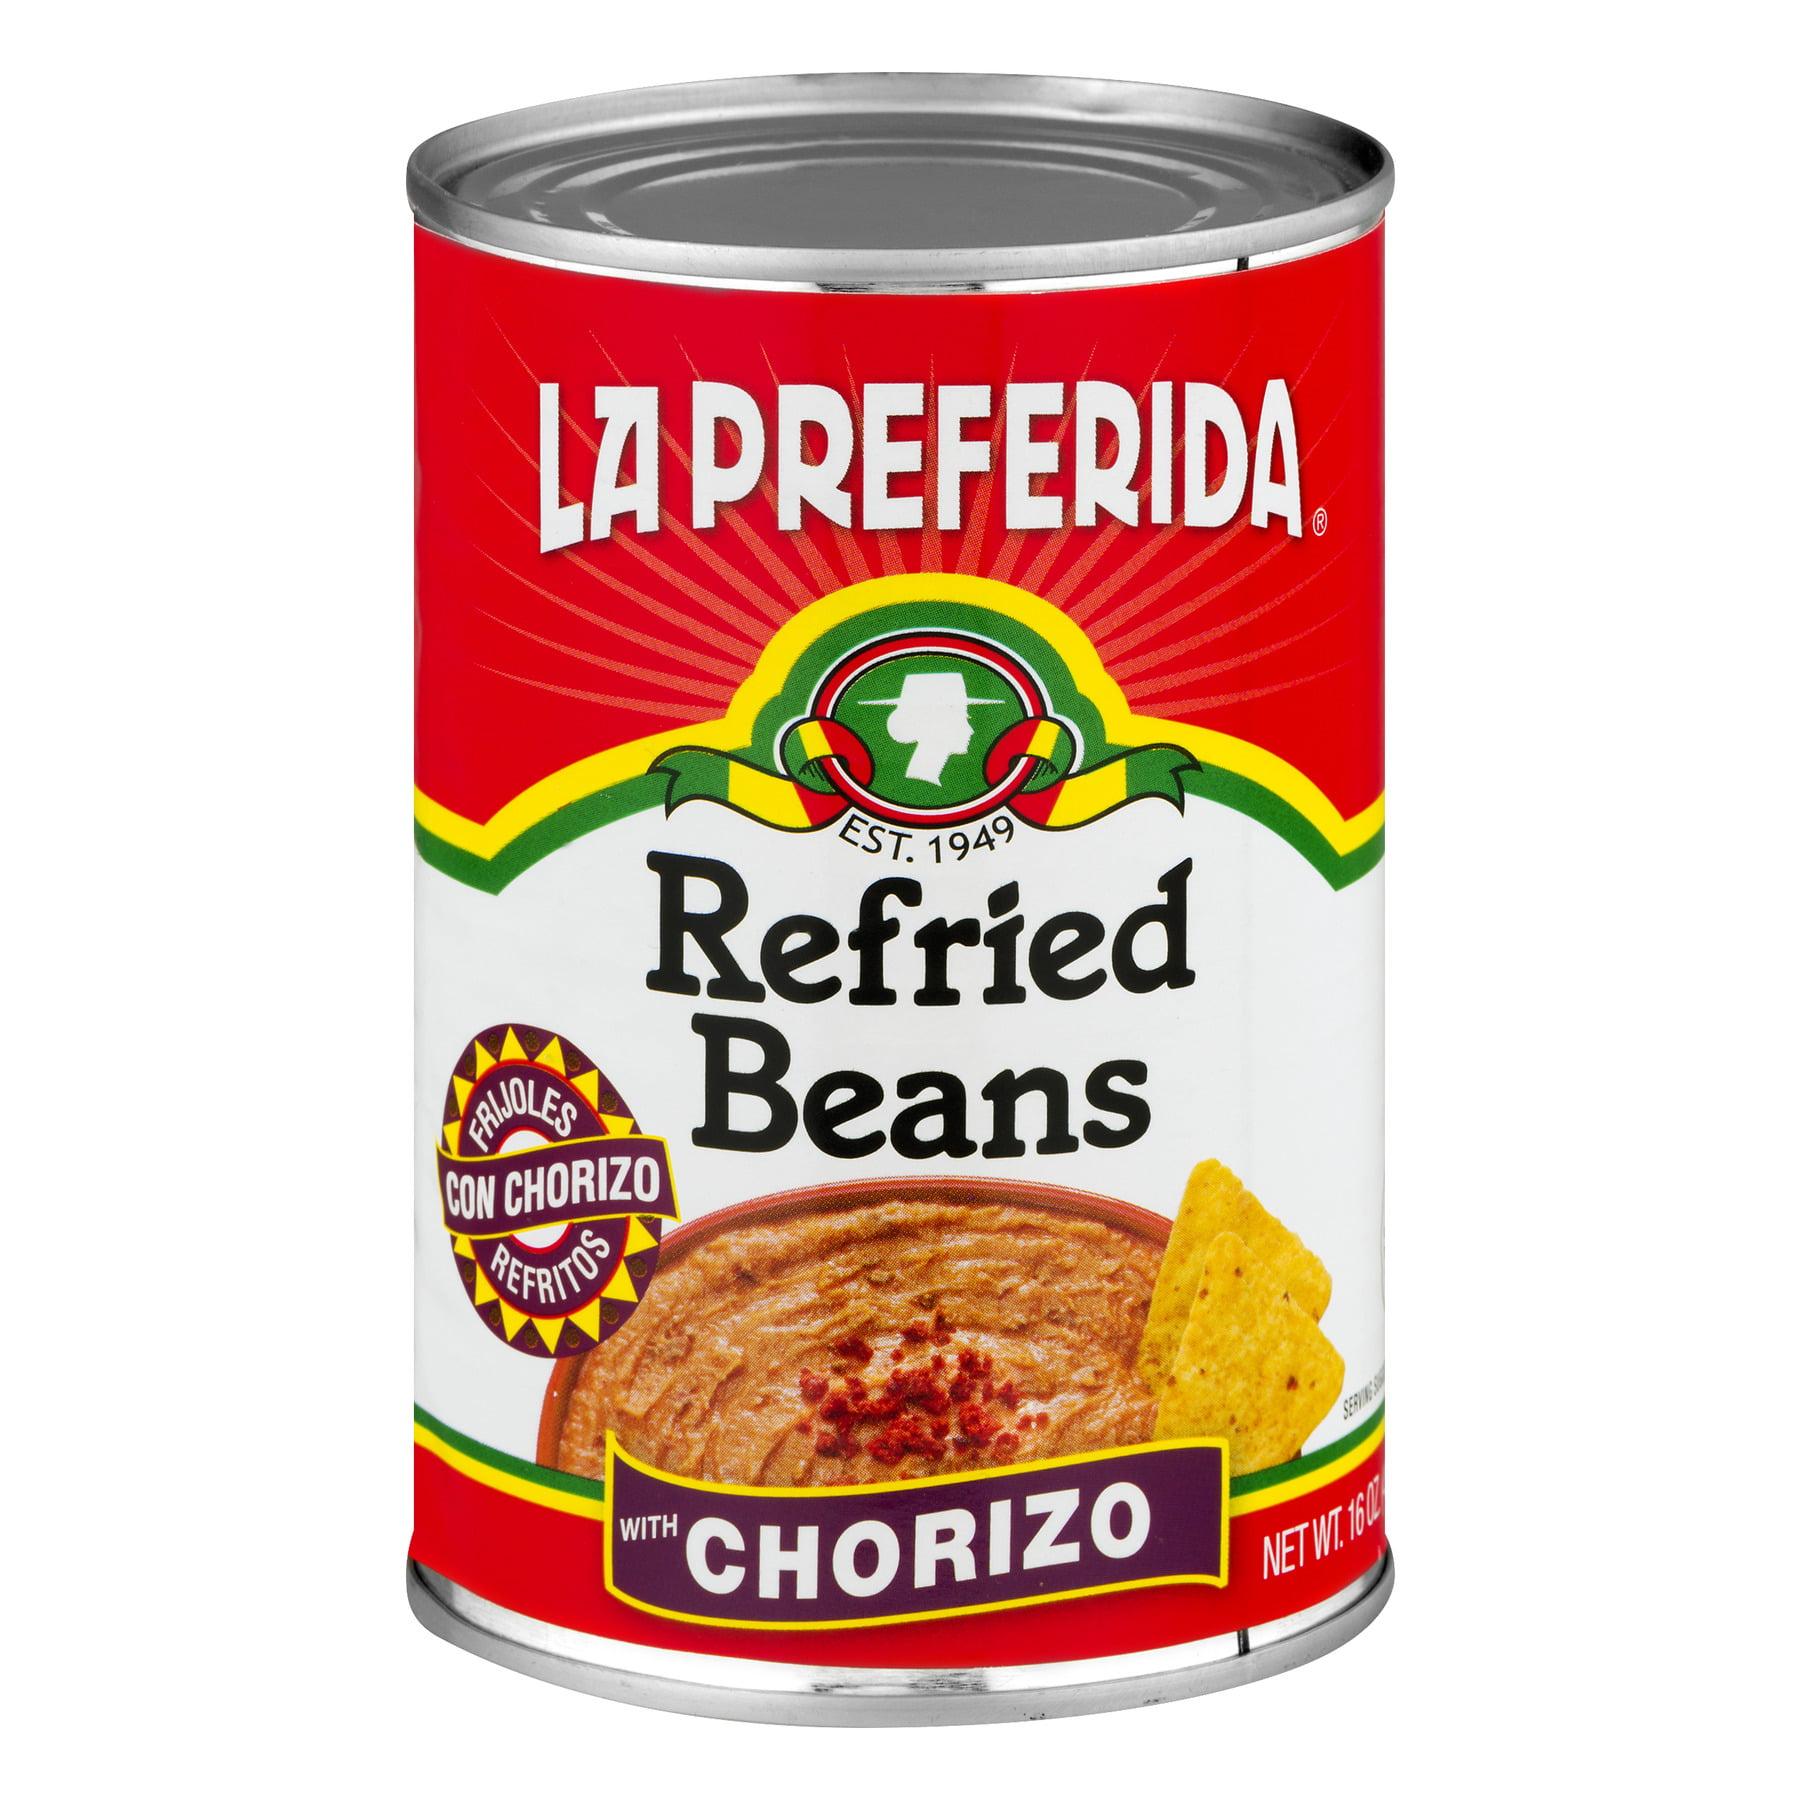 La Preferida Refried Beans With Chorizo, 16 Oz